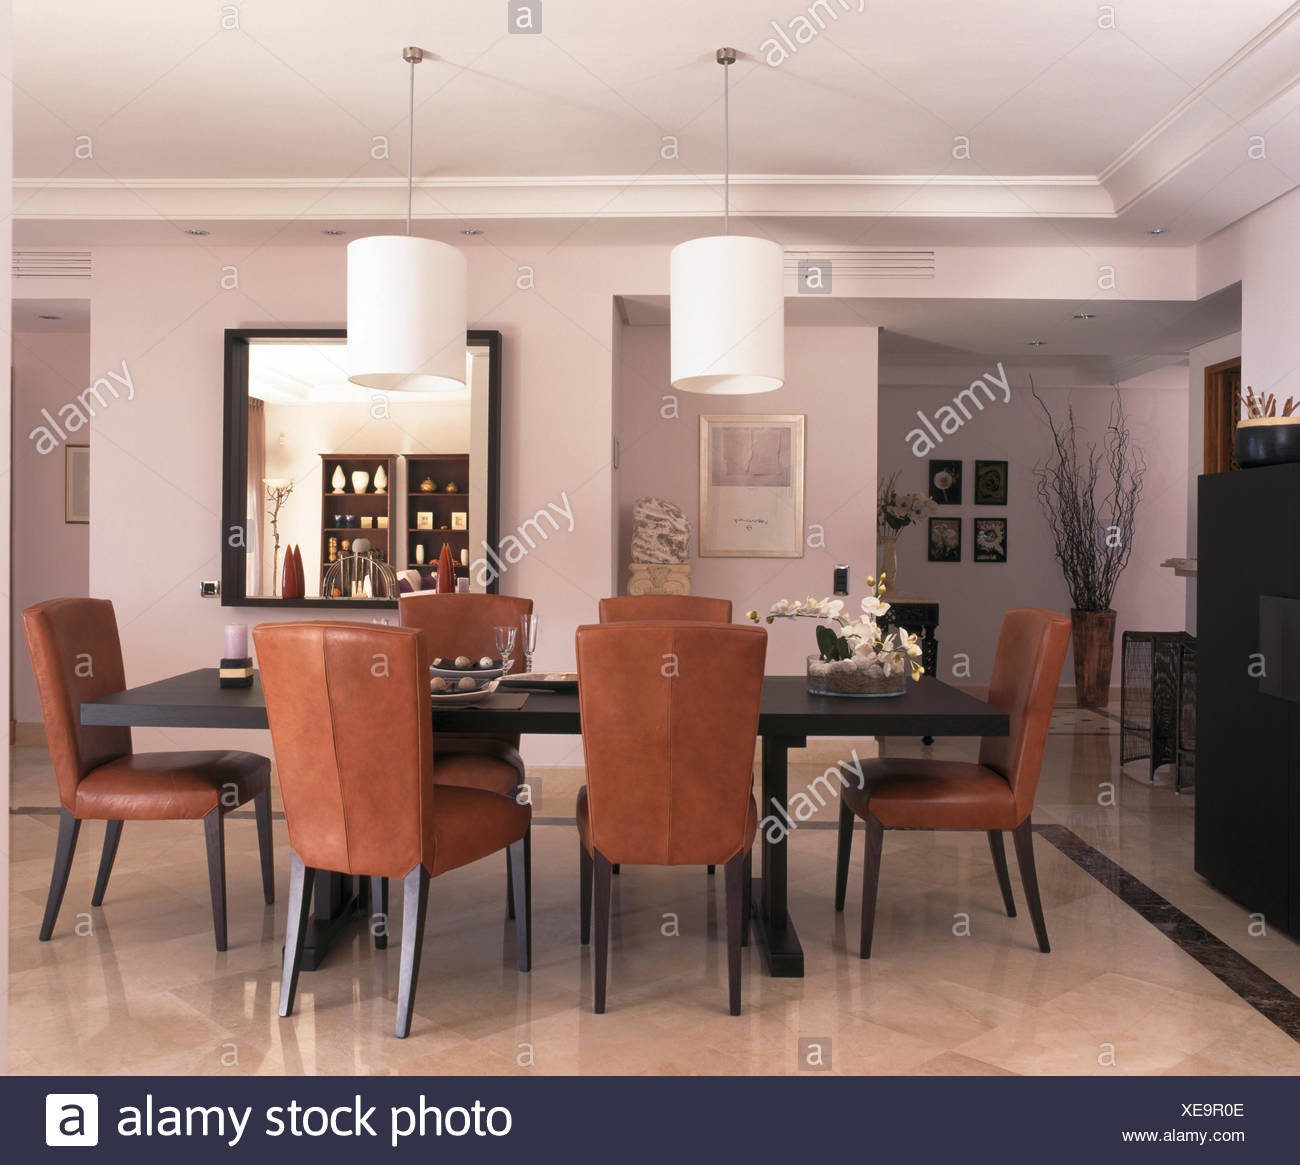 https www alamyimages fr chaises en cuir marron a table dans la salle a manger de l espagnol moderne villa image284186686 html